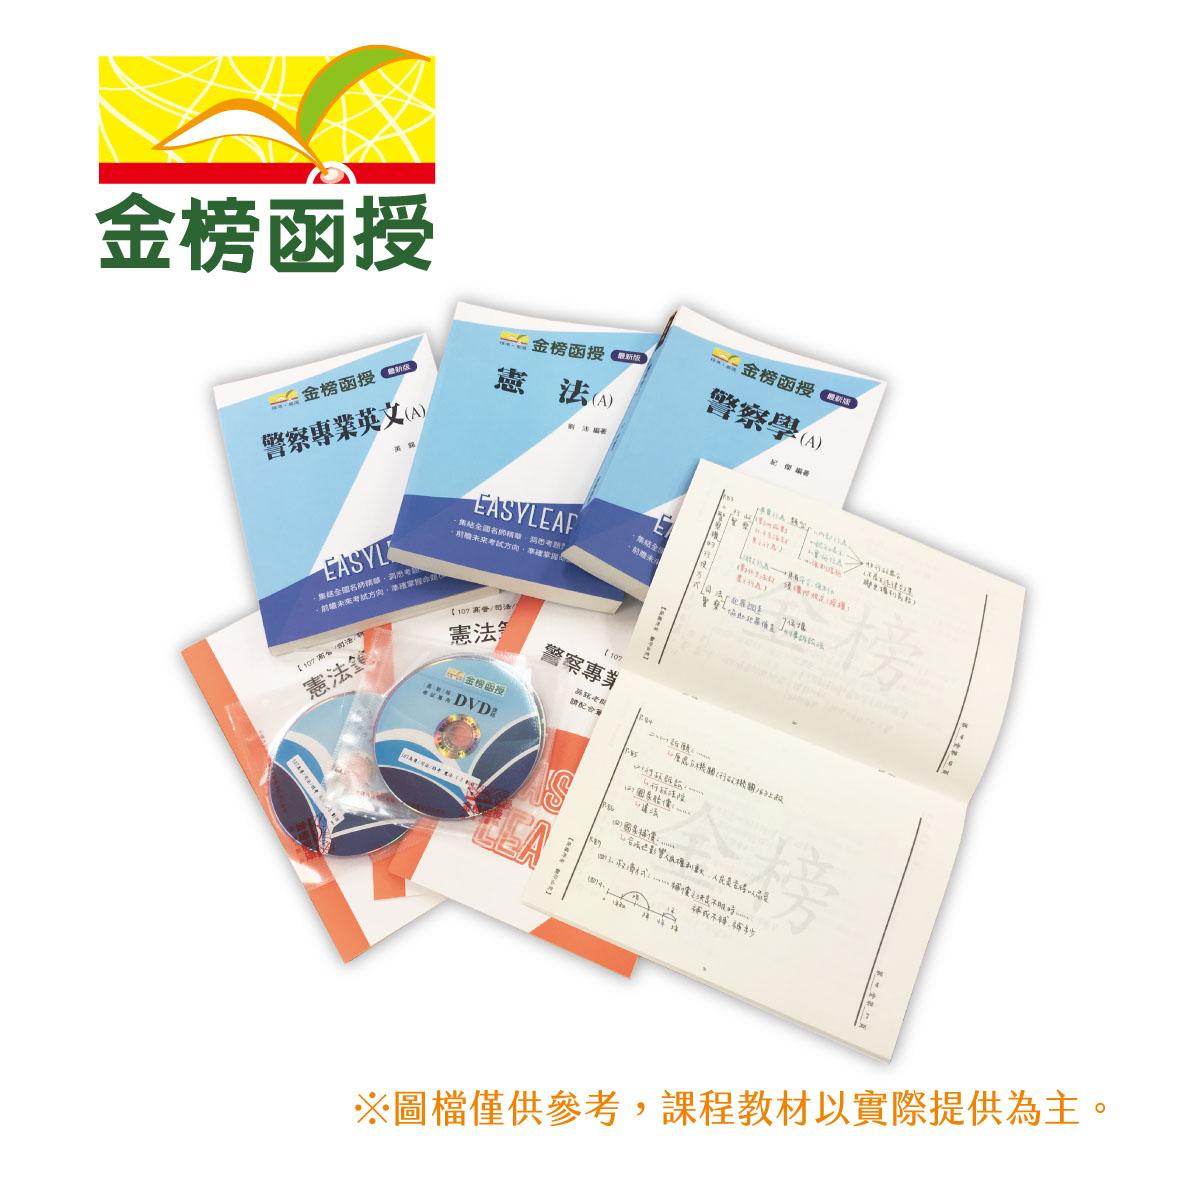 107金榜函授/行政法主题/行政法主题式/单科/云端/第06回/孙权